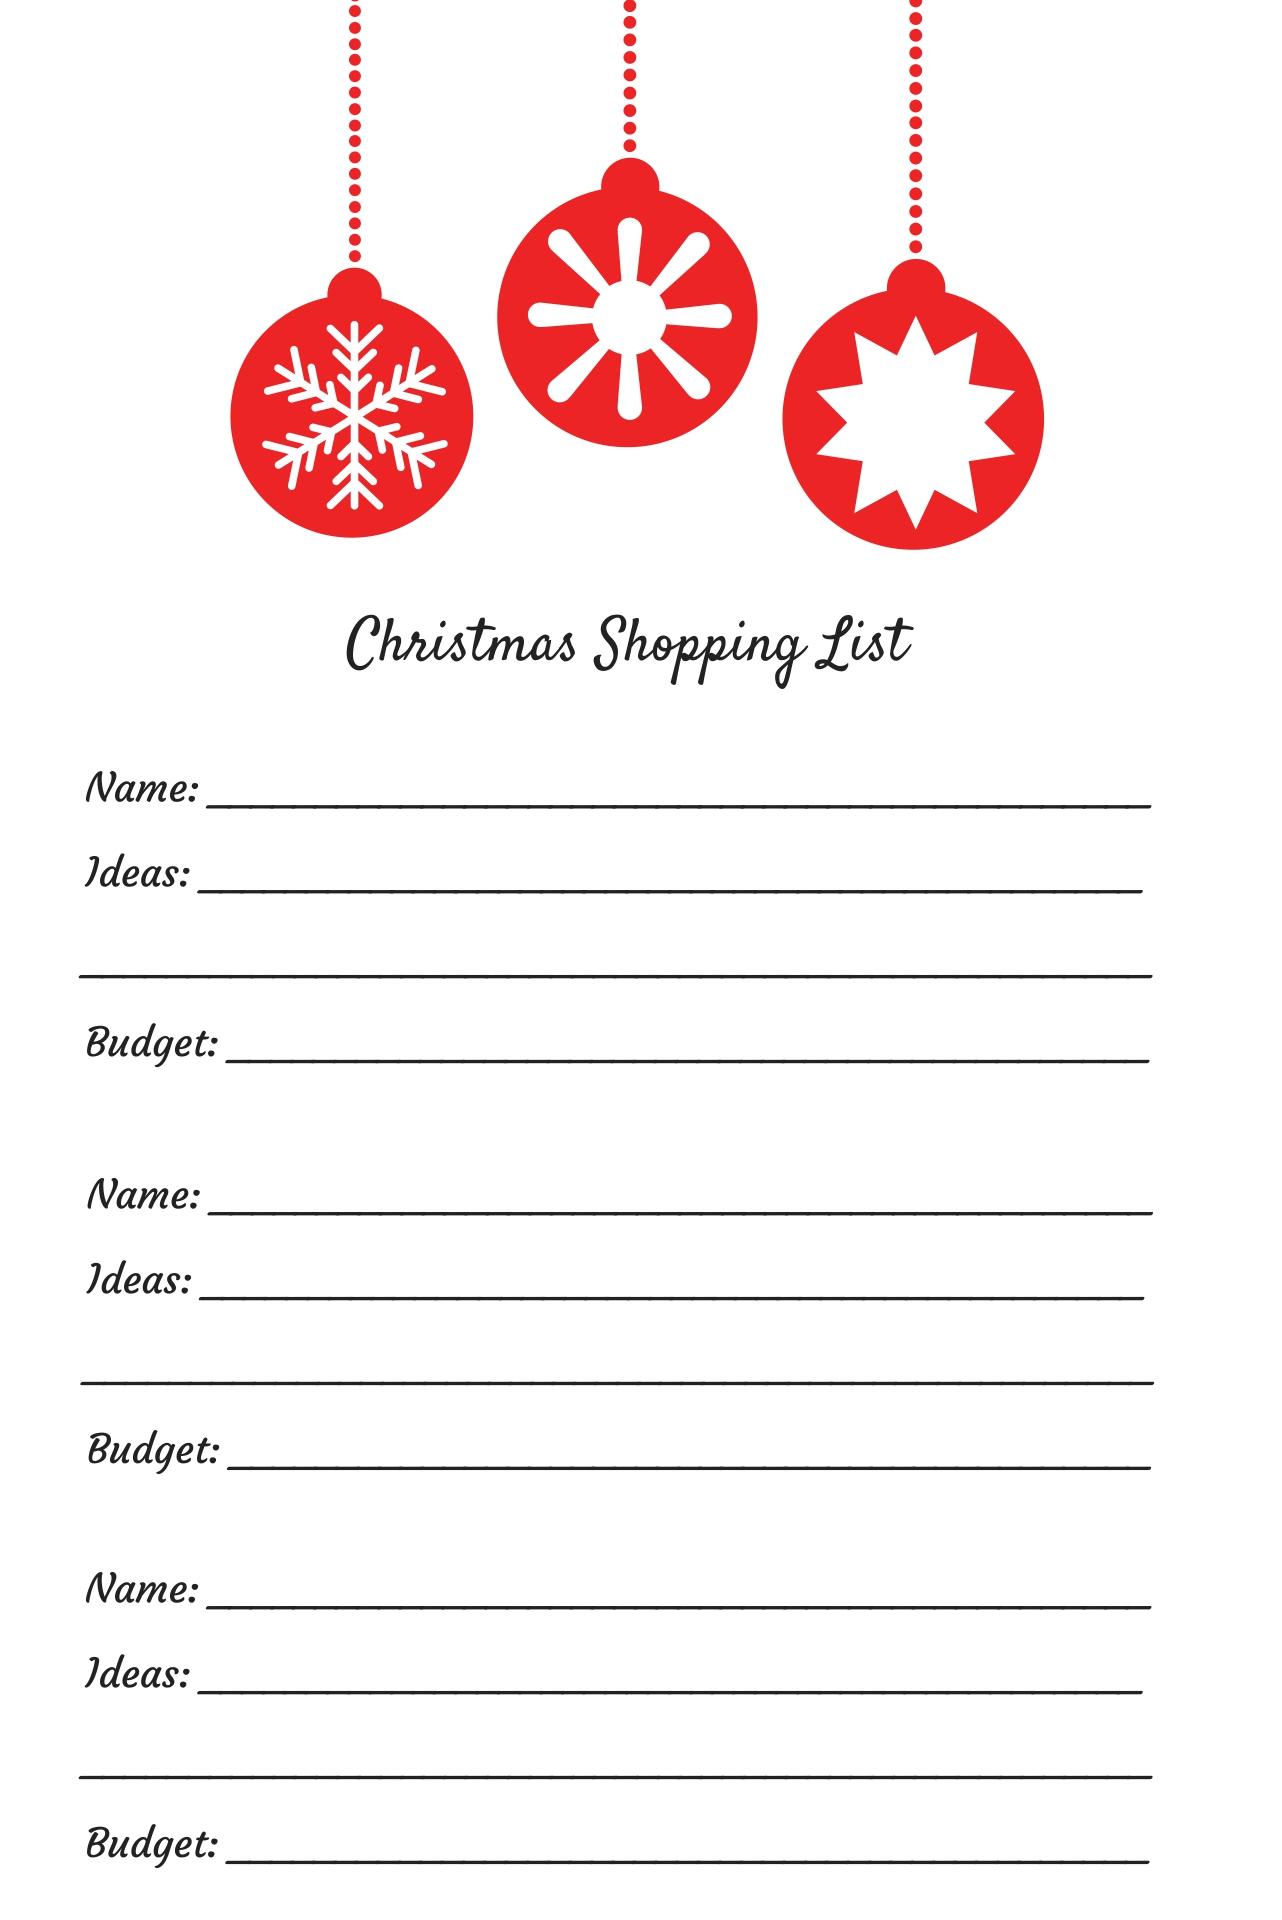 Christmas Shopping List Printable